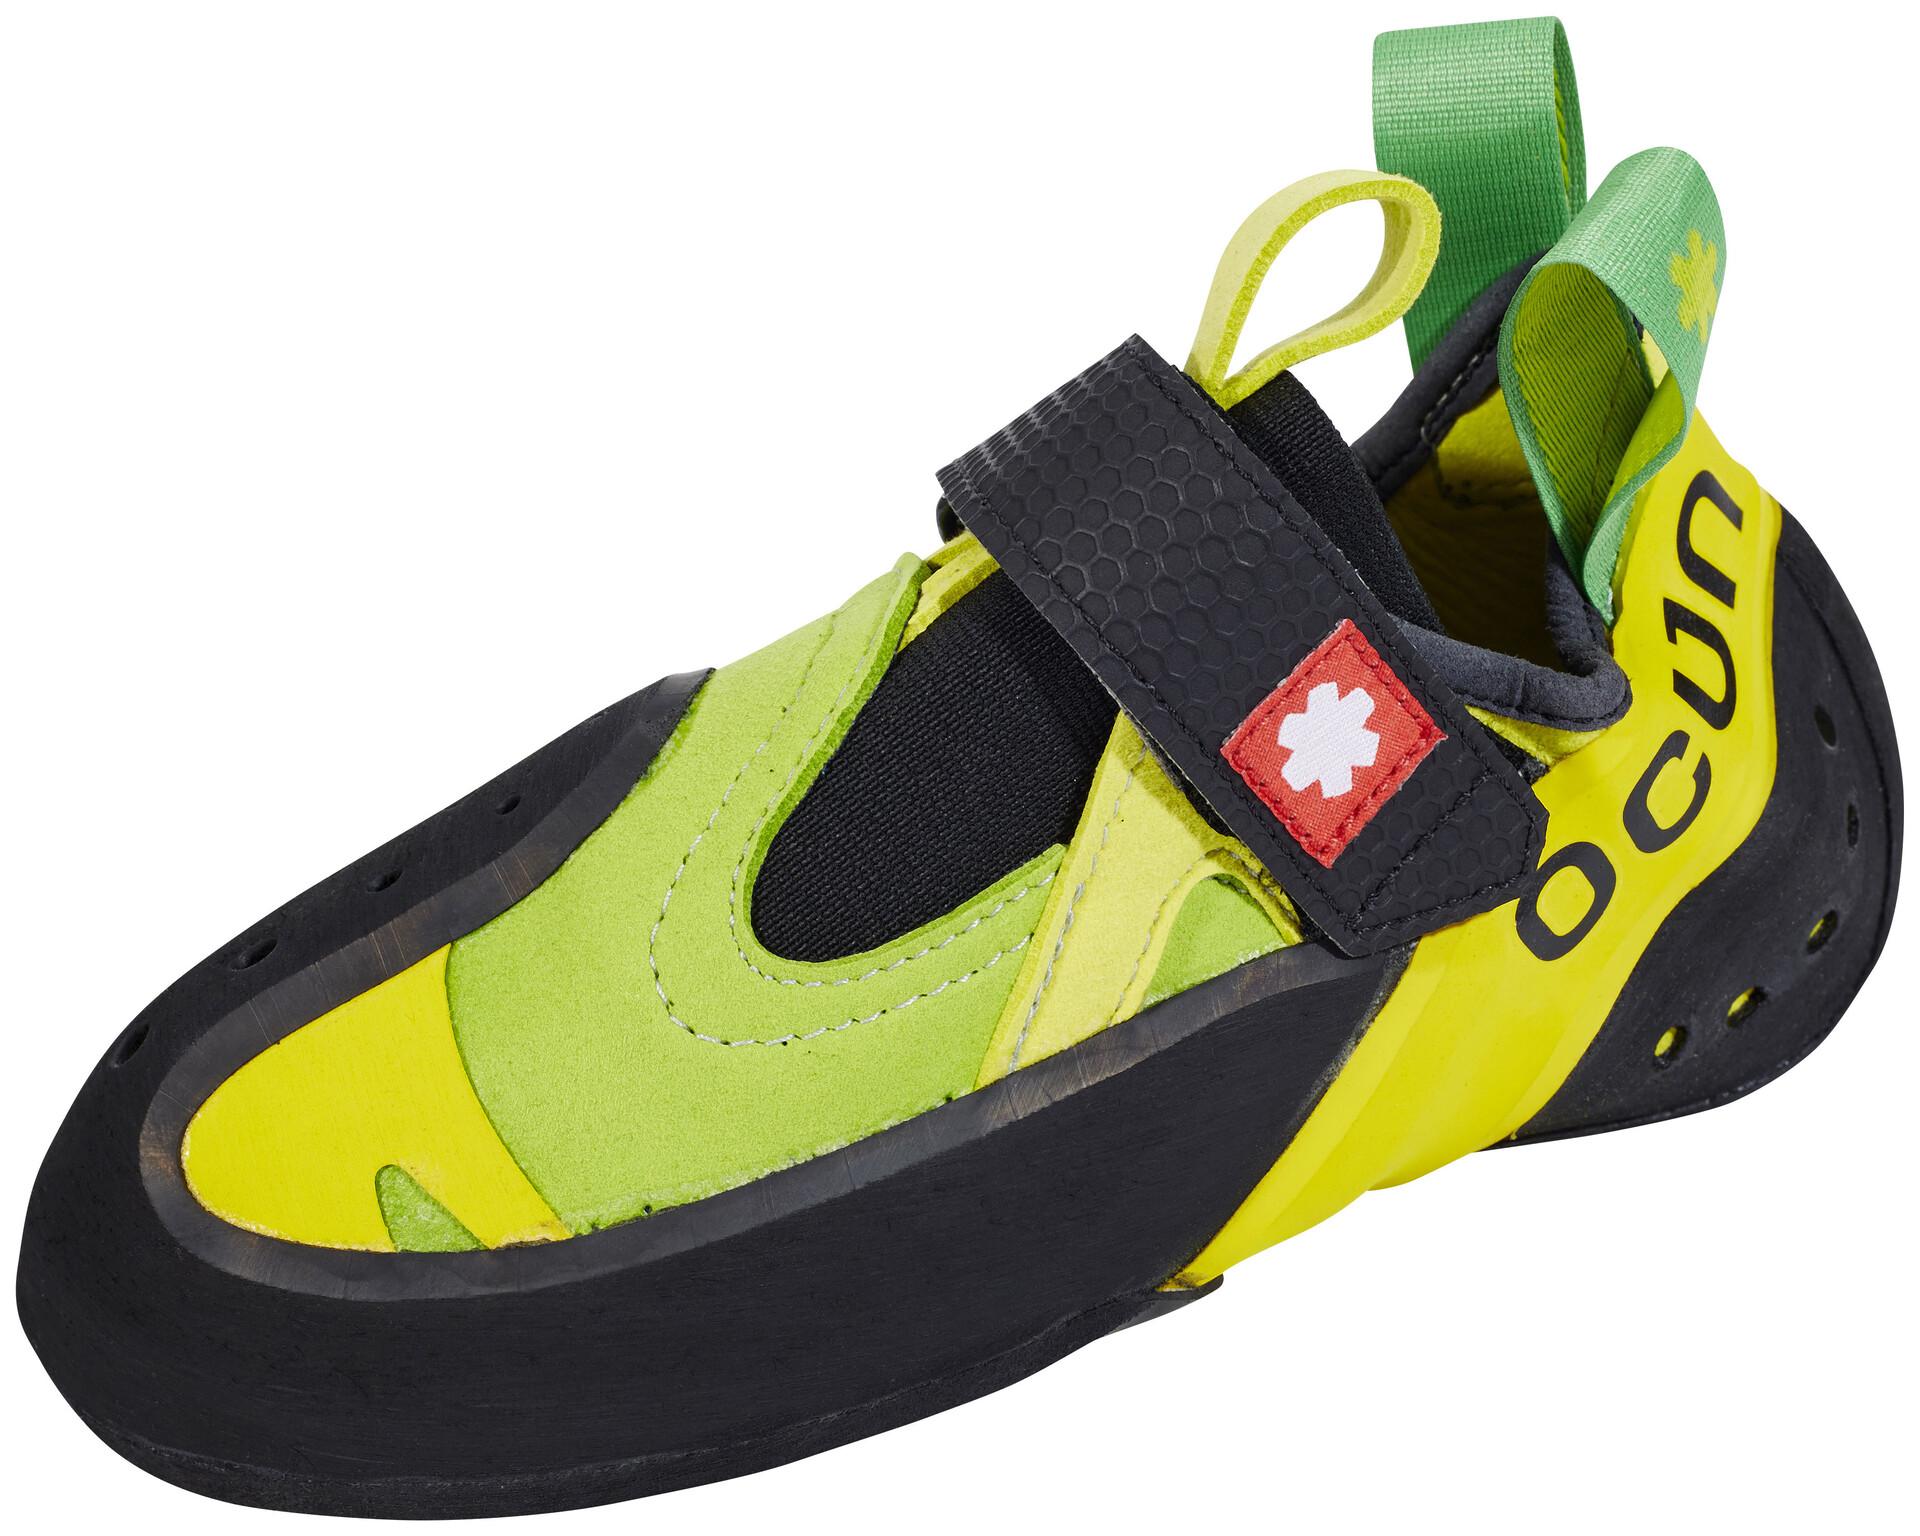 Ocun Klettergurt Mammut : Ocun oxi s climbing shoes unisex basic campz